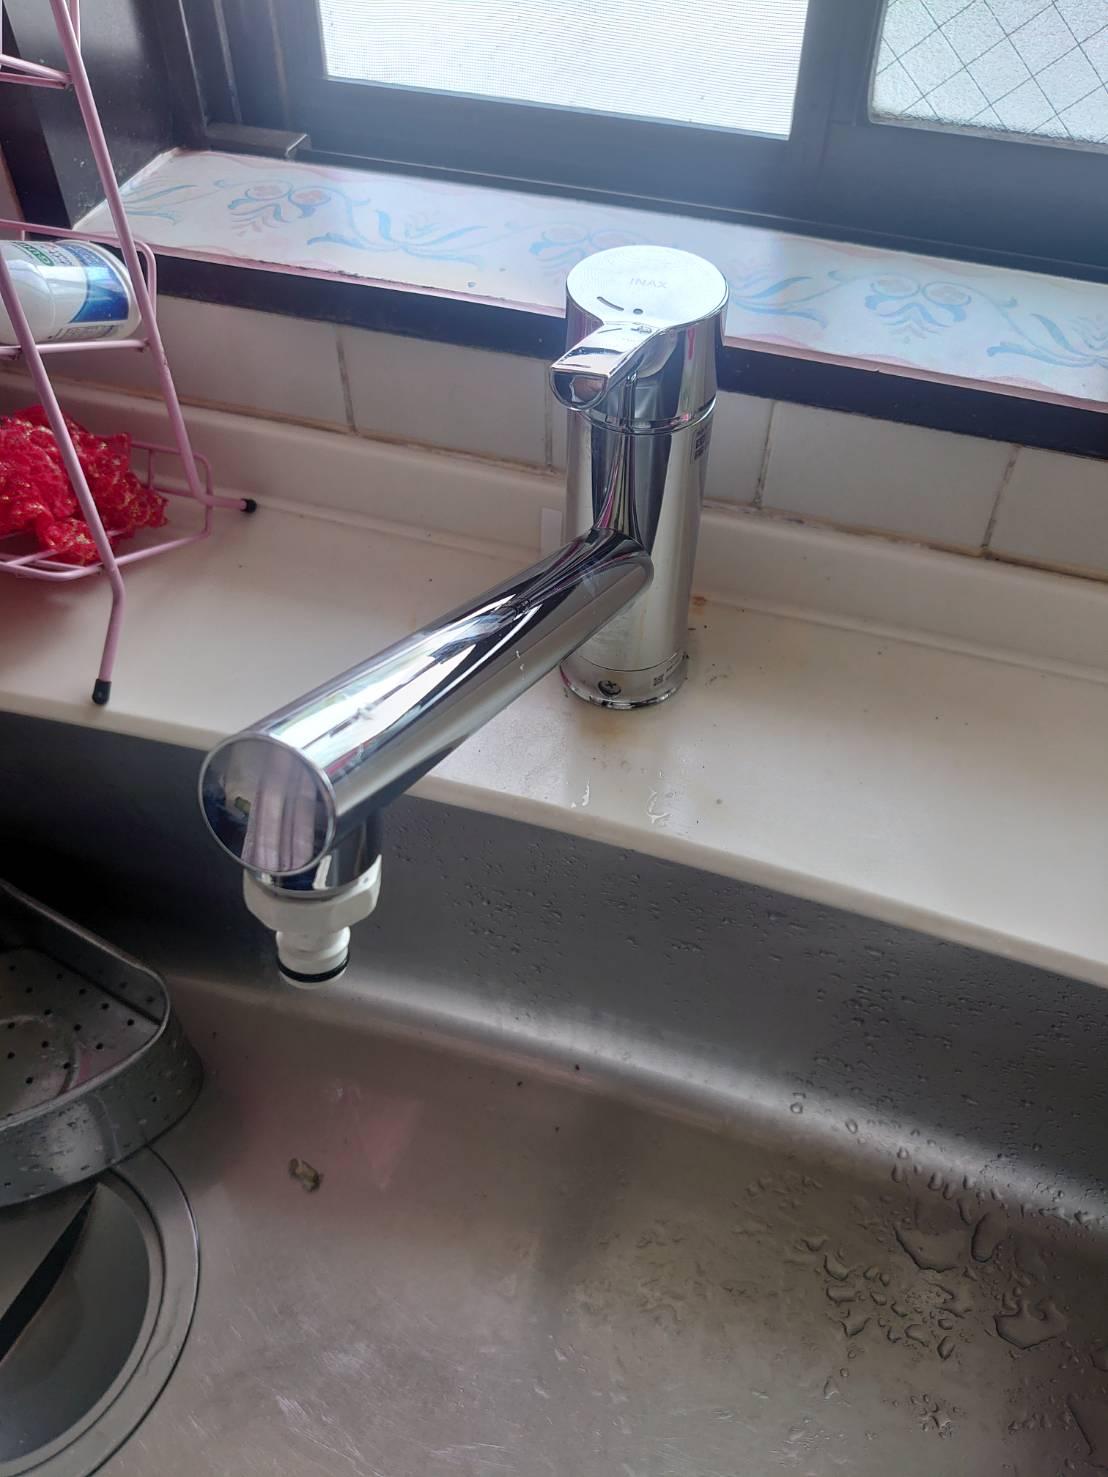 さくらいでんきは、水回り工事も得意です。水栓の交換も承ります。